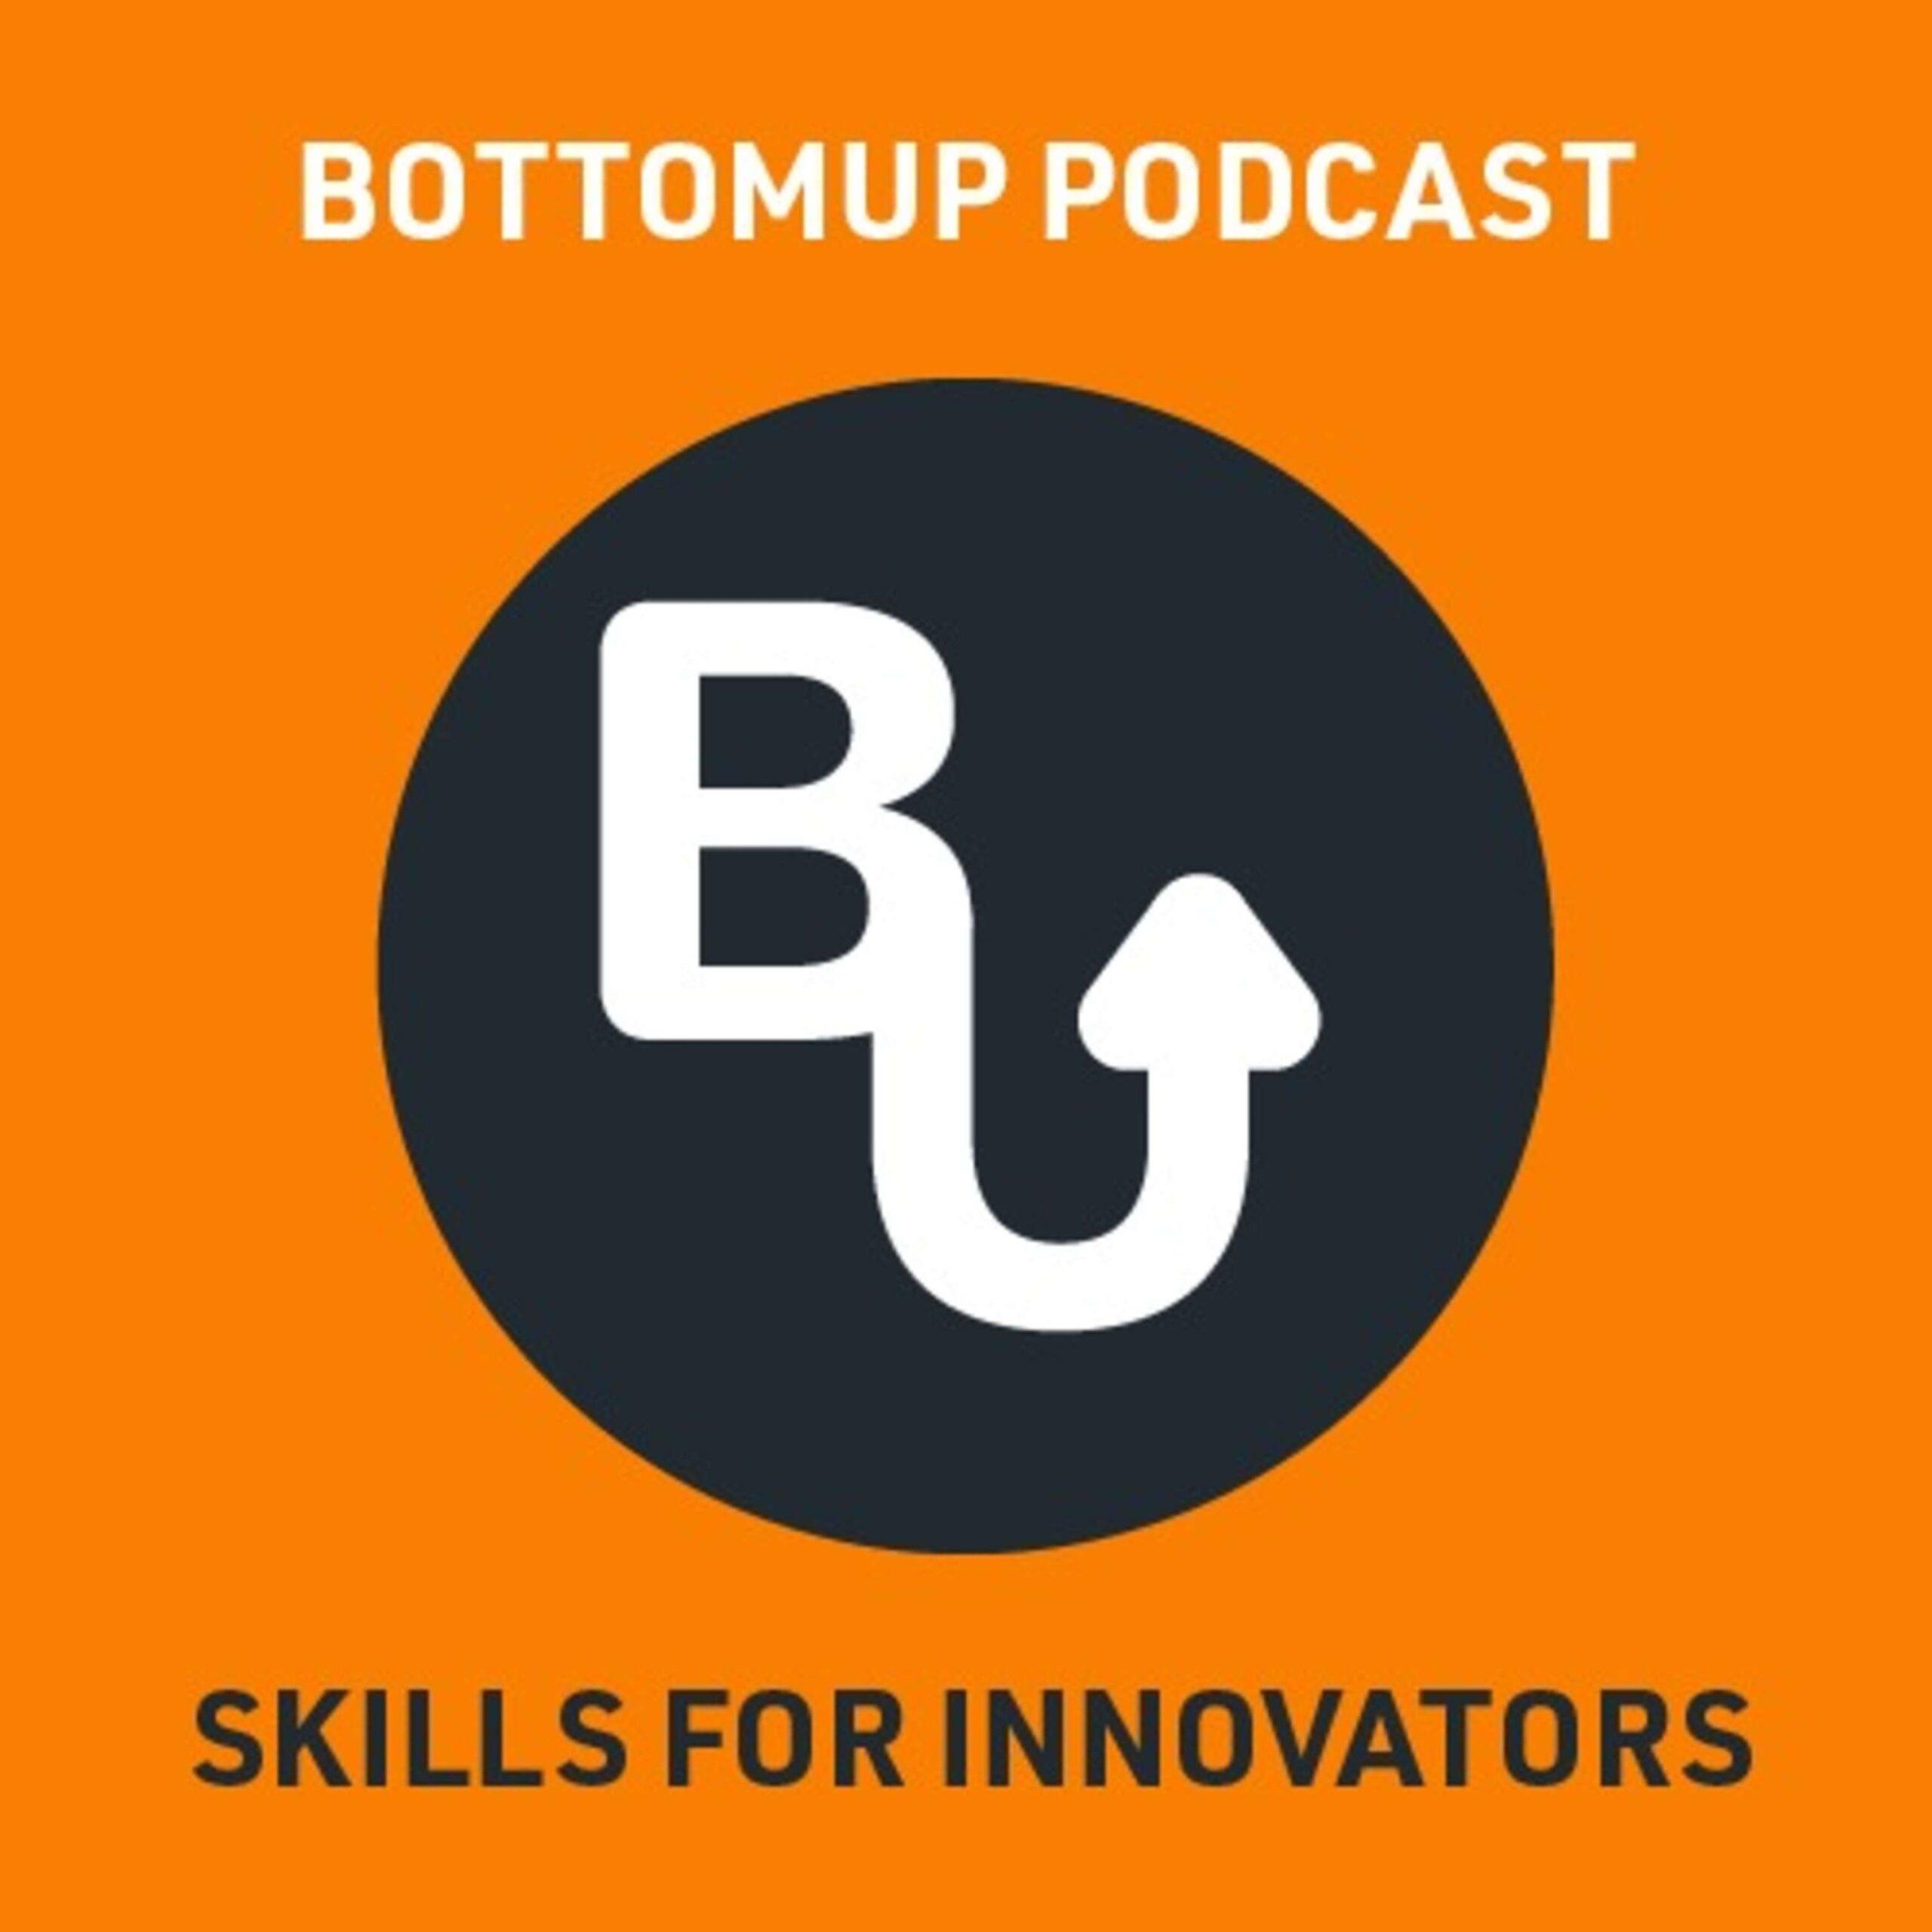 Lean Startup: The build, measure, learn loop